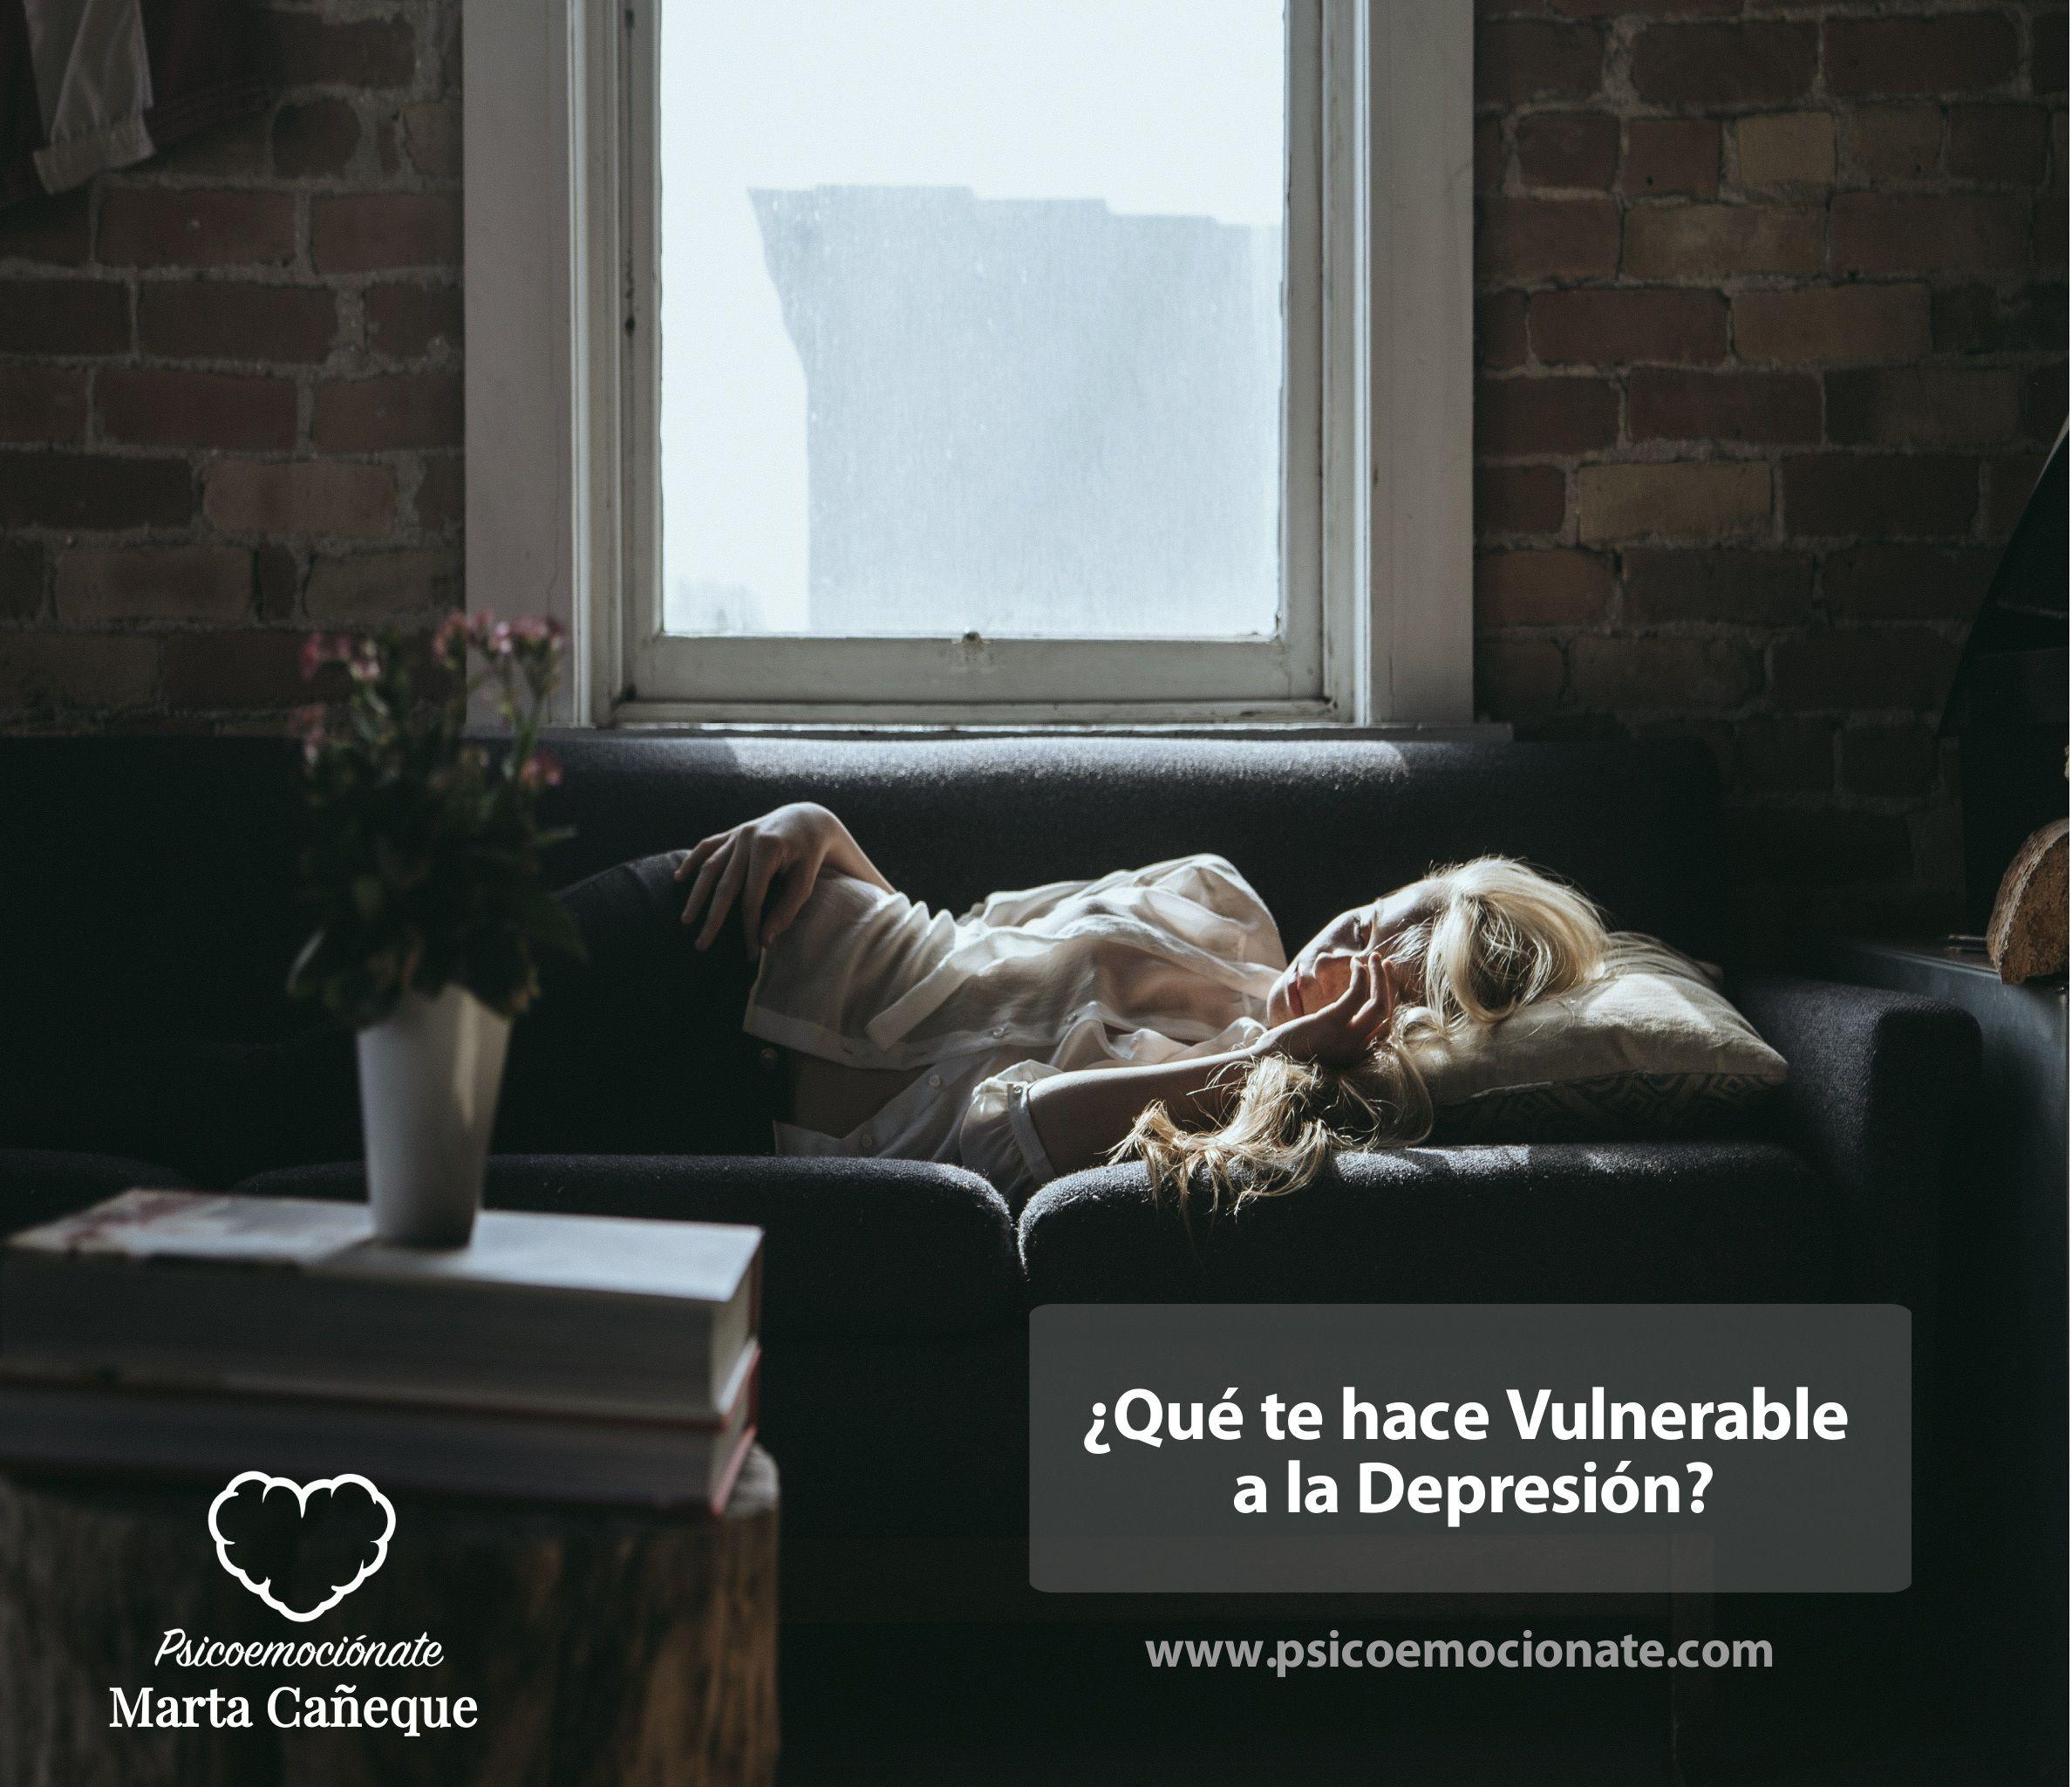 Vulnerabilidad Depresión psicoemocionate